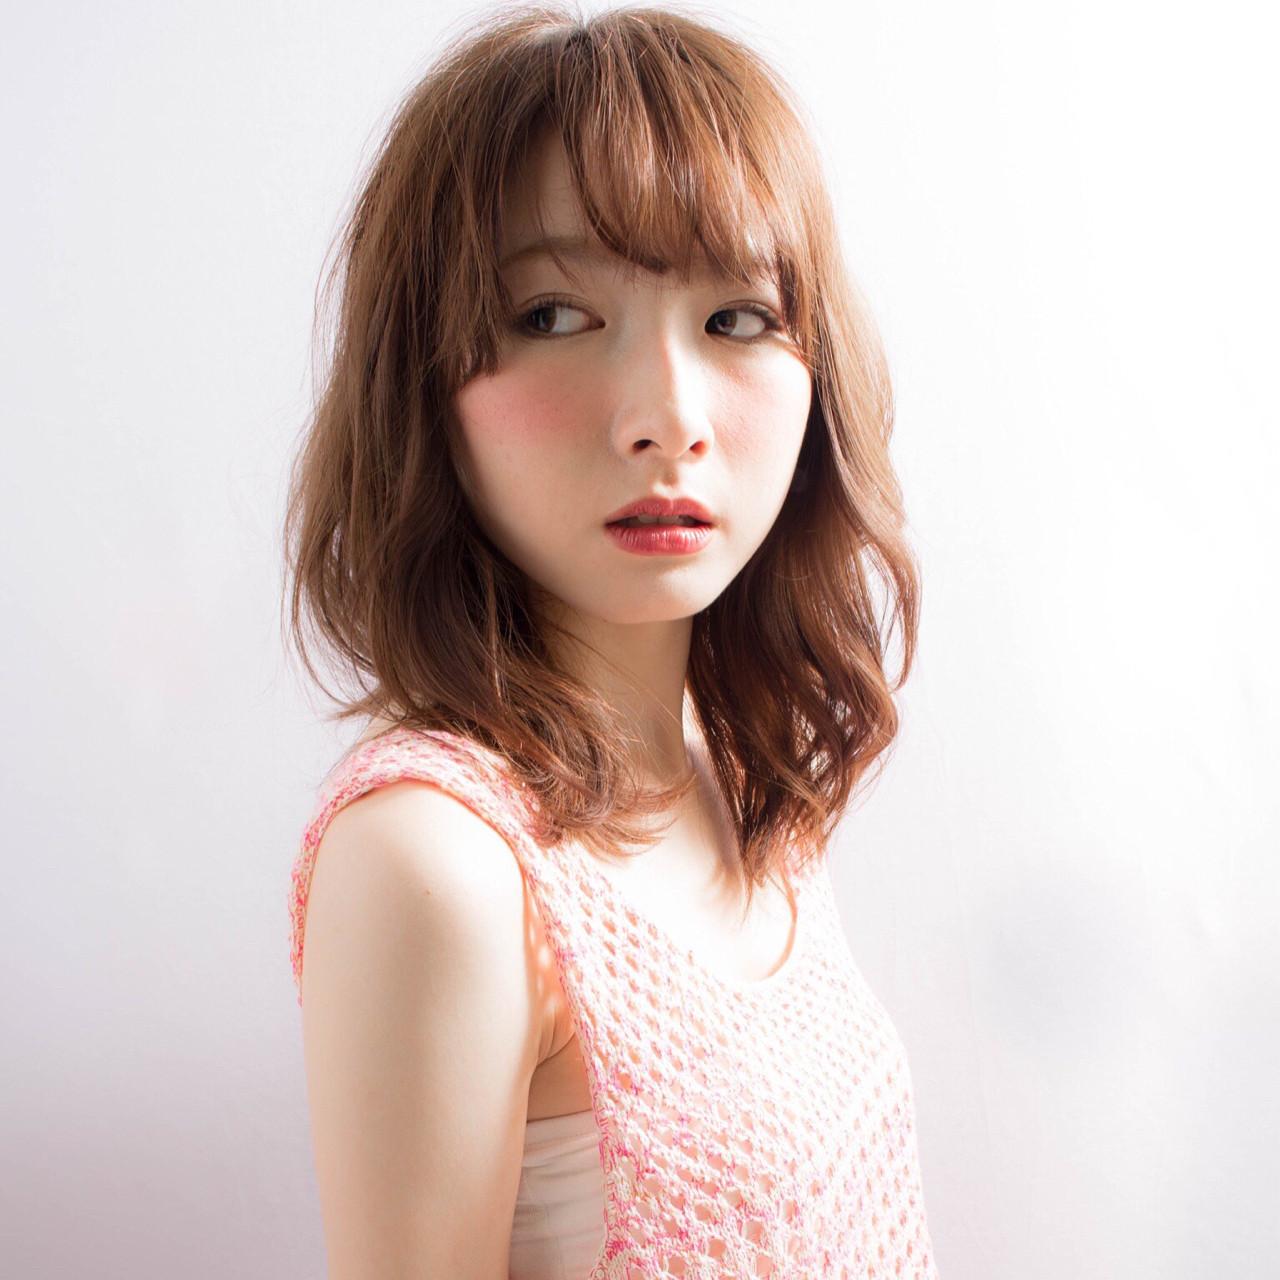 ピュア ミディアム 大人かわいい フェミニン ヘアスタイルや髪型の写真・画像 | 徳田 誠也 / HOEKHOEK